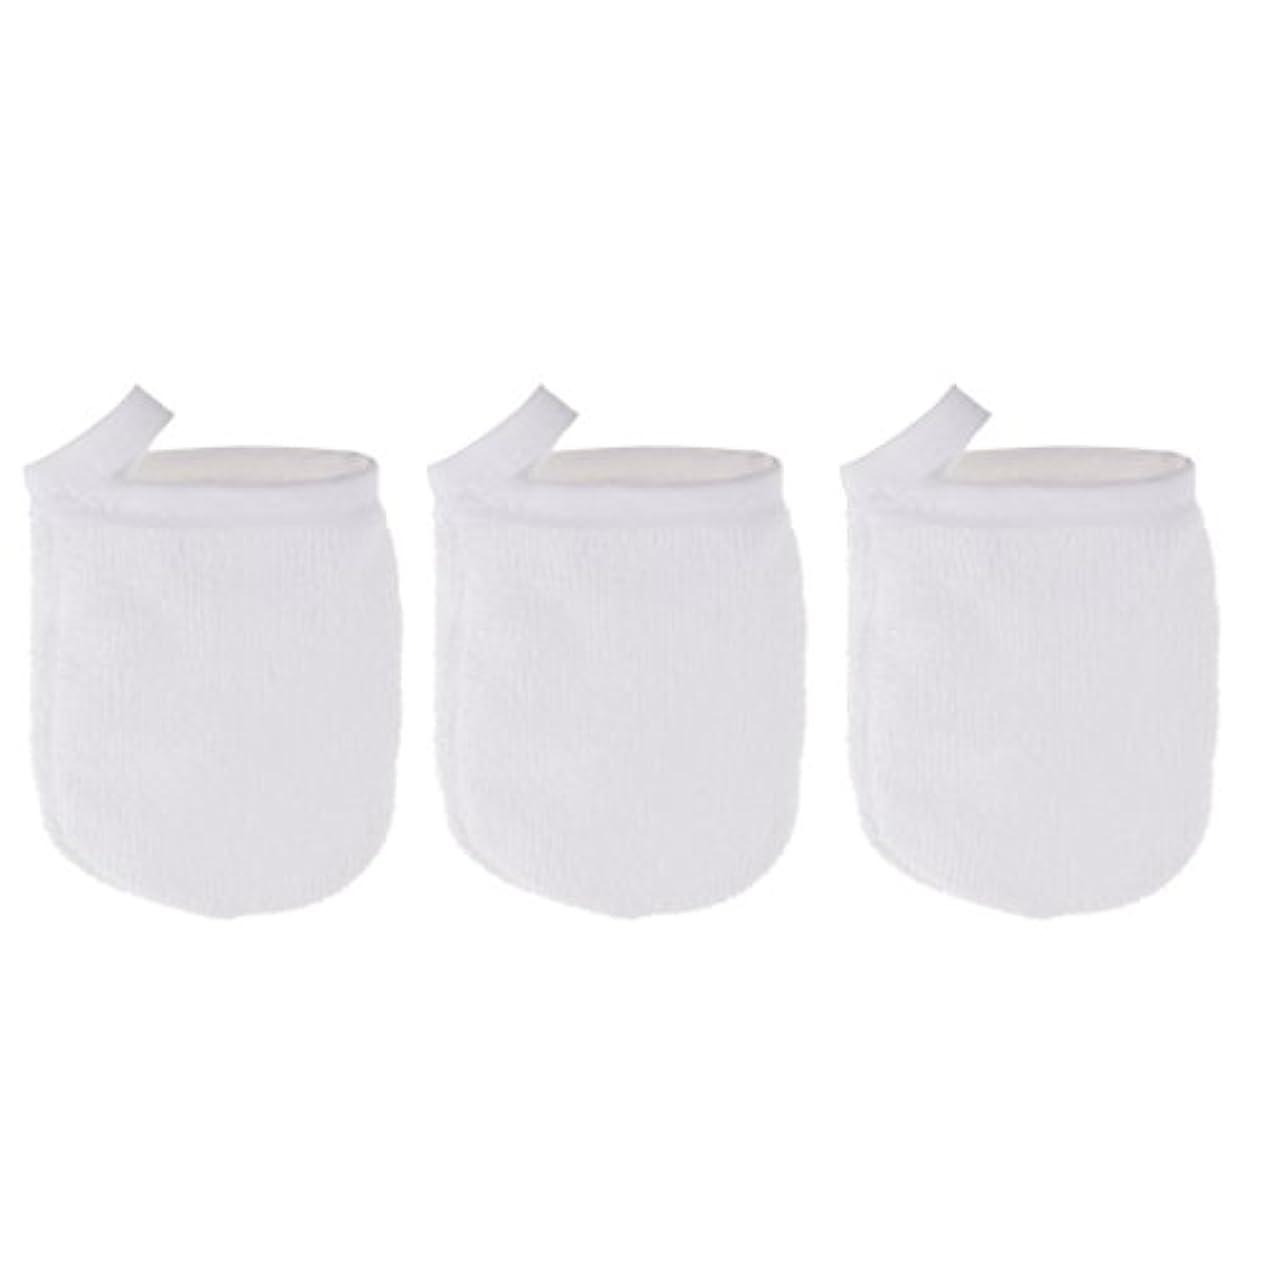 バング自分サワーPerfk 3個 クレンジンググローブ 手袋 洗顔グローブ 肌に気持ちいい フェイシャル 美容 ソフト マイクロファイバー グローブ メイクリムーバークロス 再使用可能